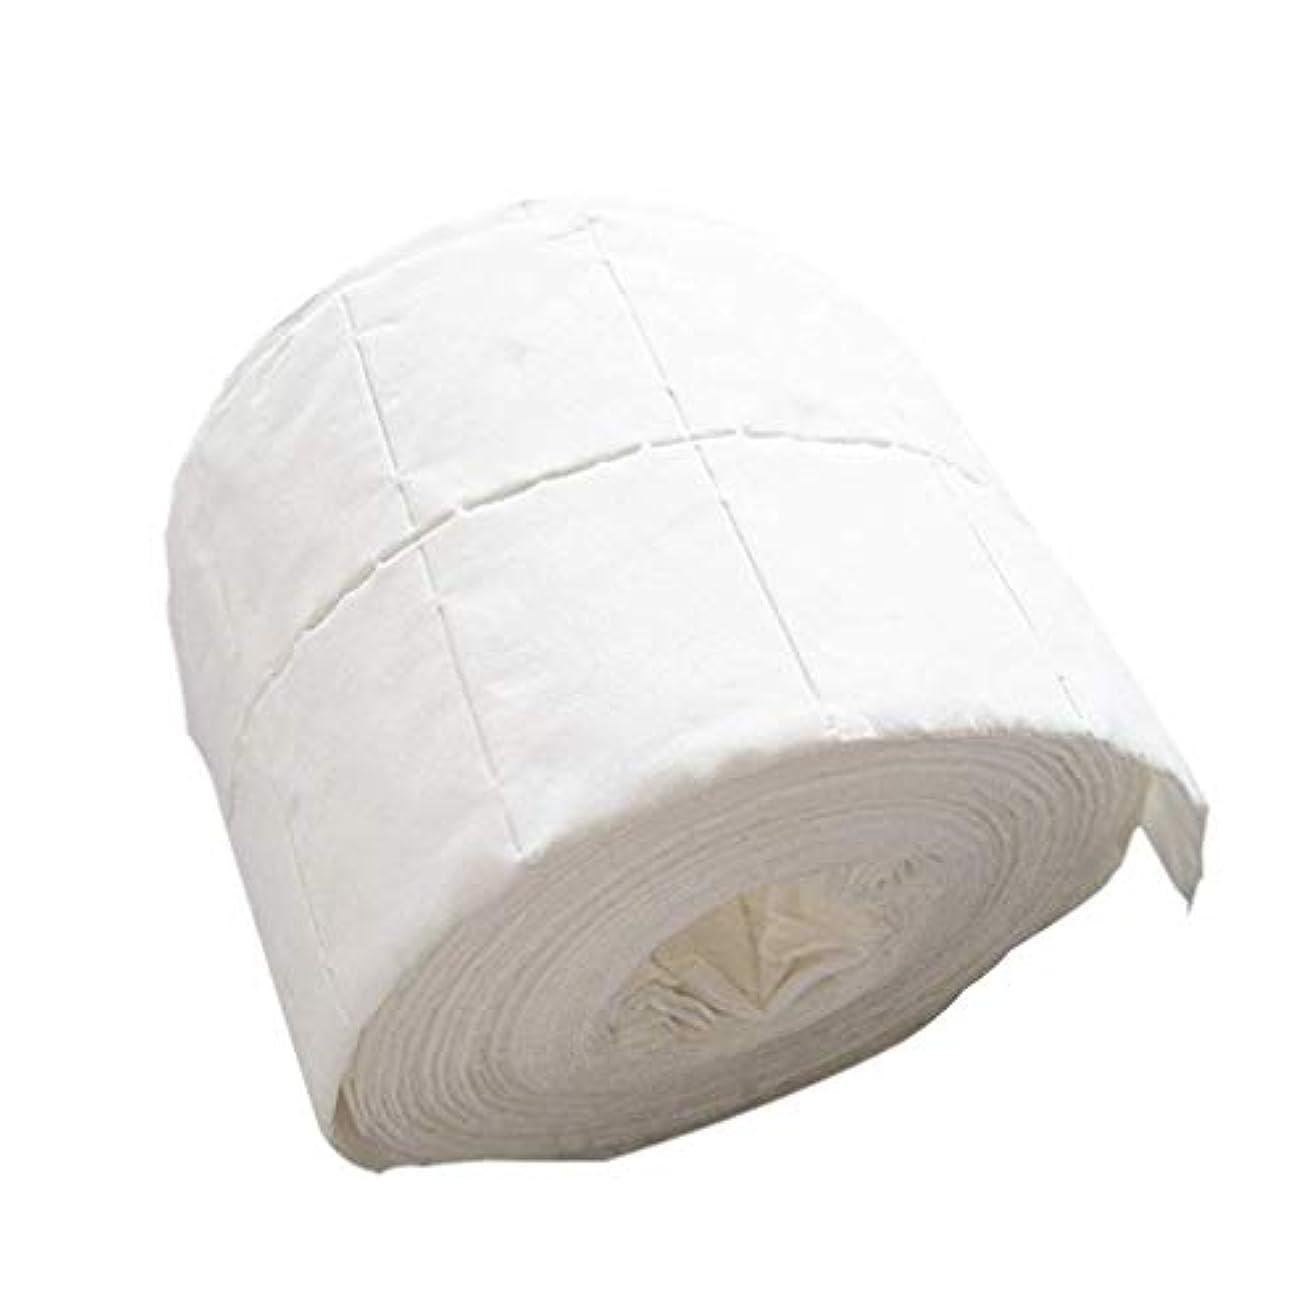 乳白高める森林1st market 耐久性のあるリントフリーワイプネイルポリッシュアクリルジェルリムーバータオル紙コットンパッドロールサロンネイルアートクリーナーツール、500個